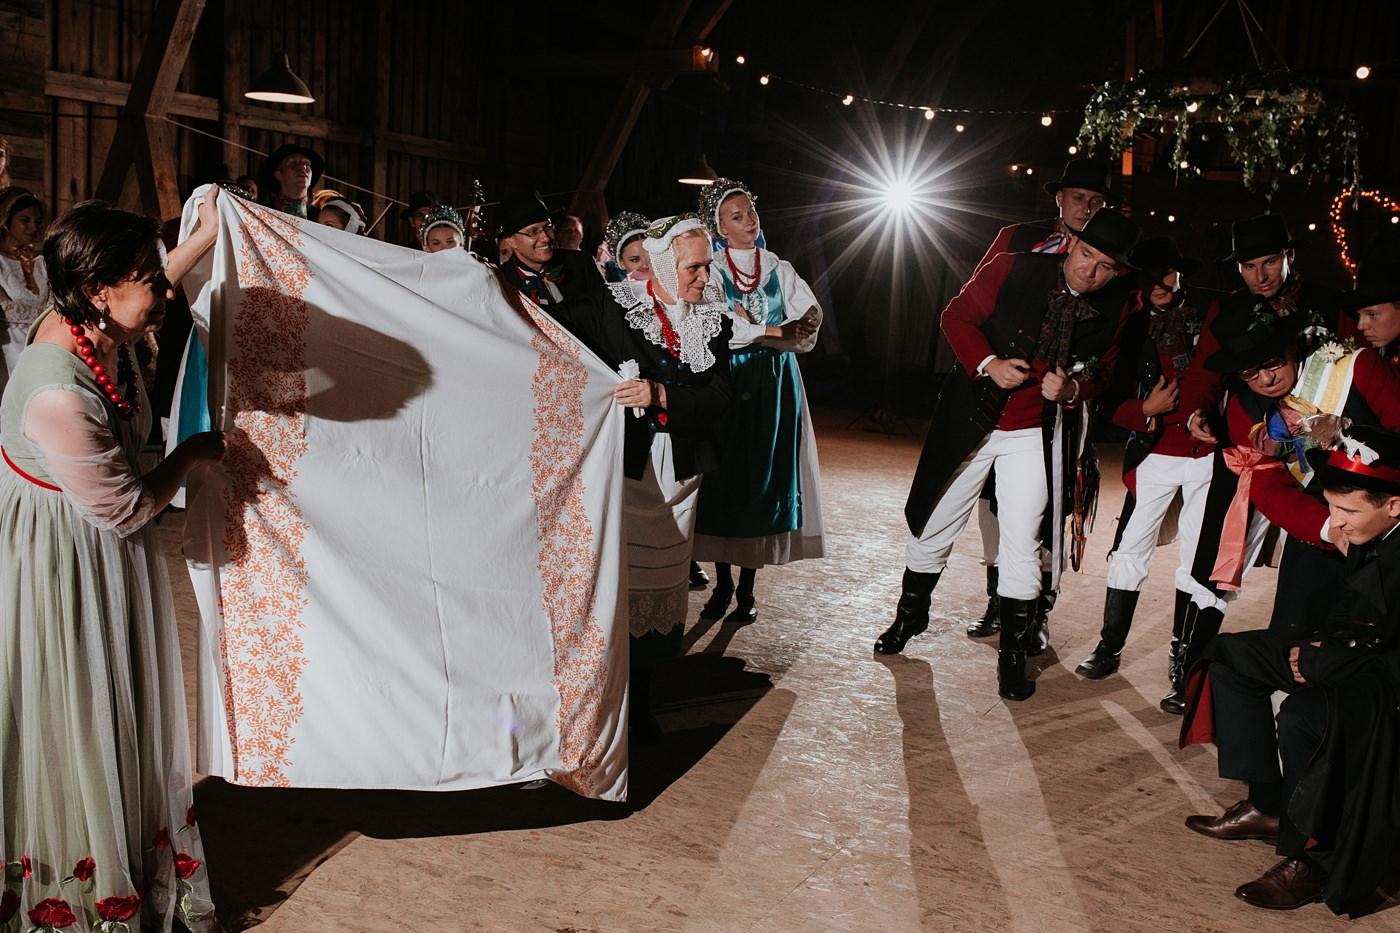 Dominika & Aleksander - Rustykalne wesele w stodole - Baborówko 138